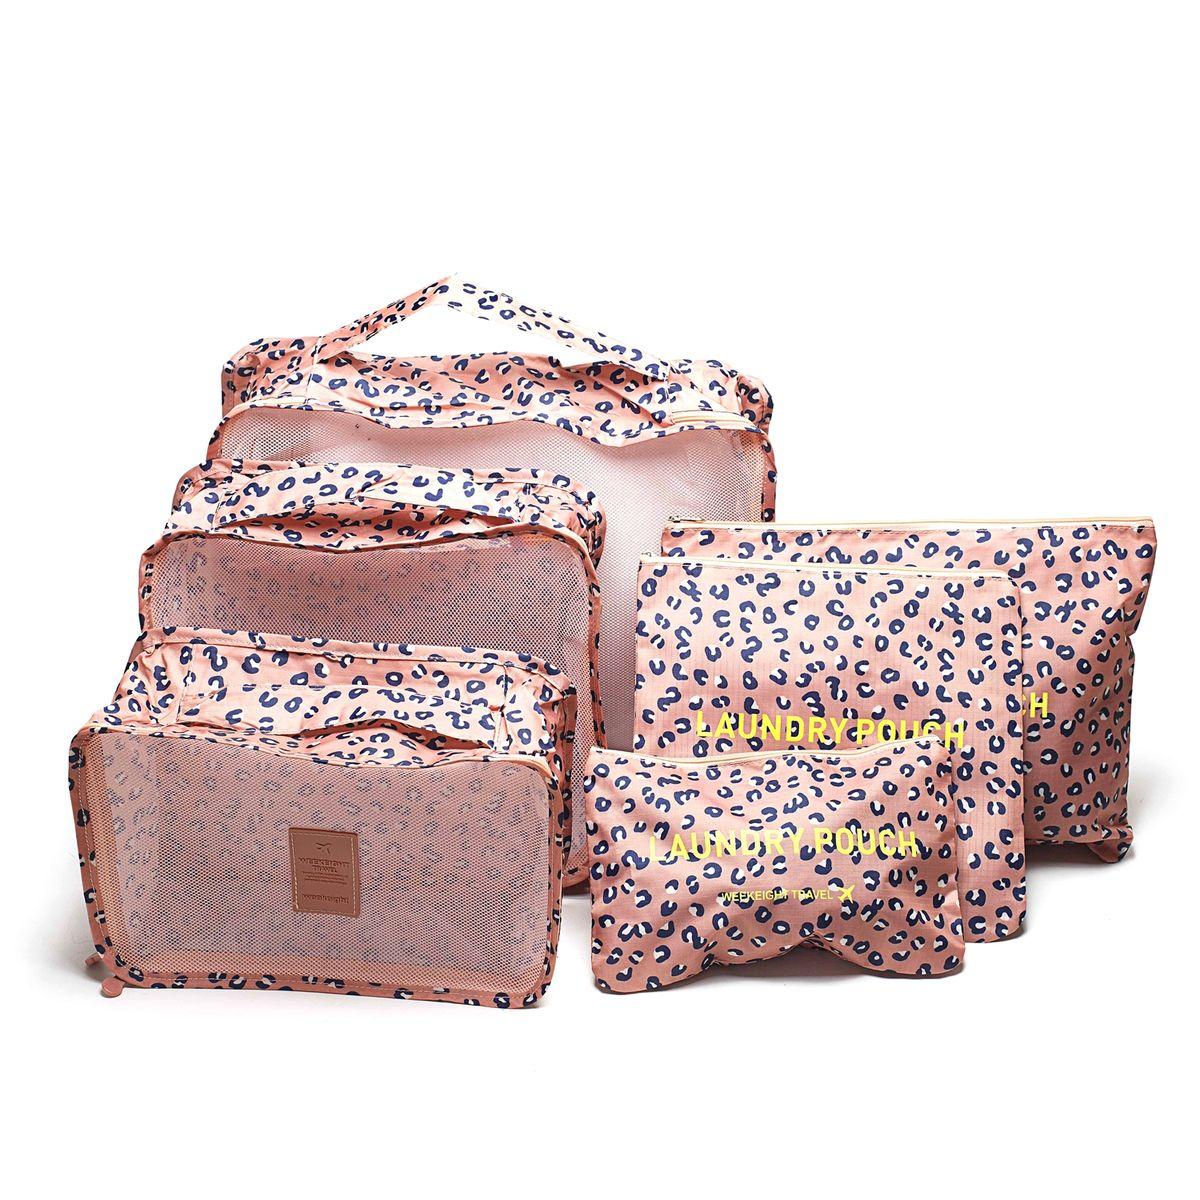 Набор органайзеров для багажа Homsu Леопард, 6 предметовHOM-349Набор органайзеров для багажа Homsu Леопард выполнен из полиэстера и оснащен молниями. В комплекте собраны органайзеры для бюстгальтеров, нижнего белья, носков, одежды, косметики. Вы сможете распределить все вещи, которые возьмете с собой таким образом, чтобы всегда иметь быстрый доступ к ним. Органайзеры надежно защитят от пыли, грязи, влажности или механических повреждений. Размеры органайзеров: 40 x 30 x 12 см; 30 x 28 x 13 см; 30 x 21 x 13 см; 35 x 27 см; 27 x 25 см; 26 x 16 см.